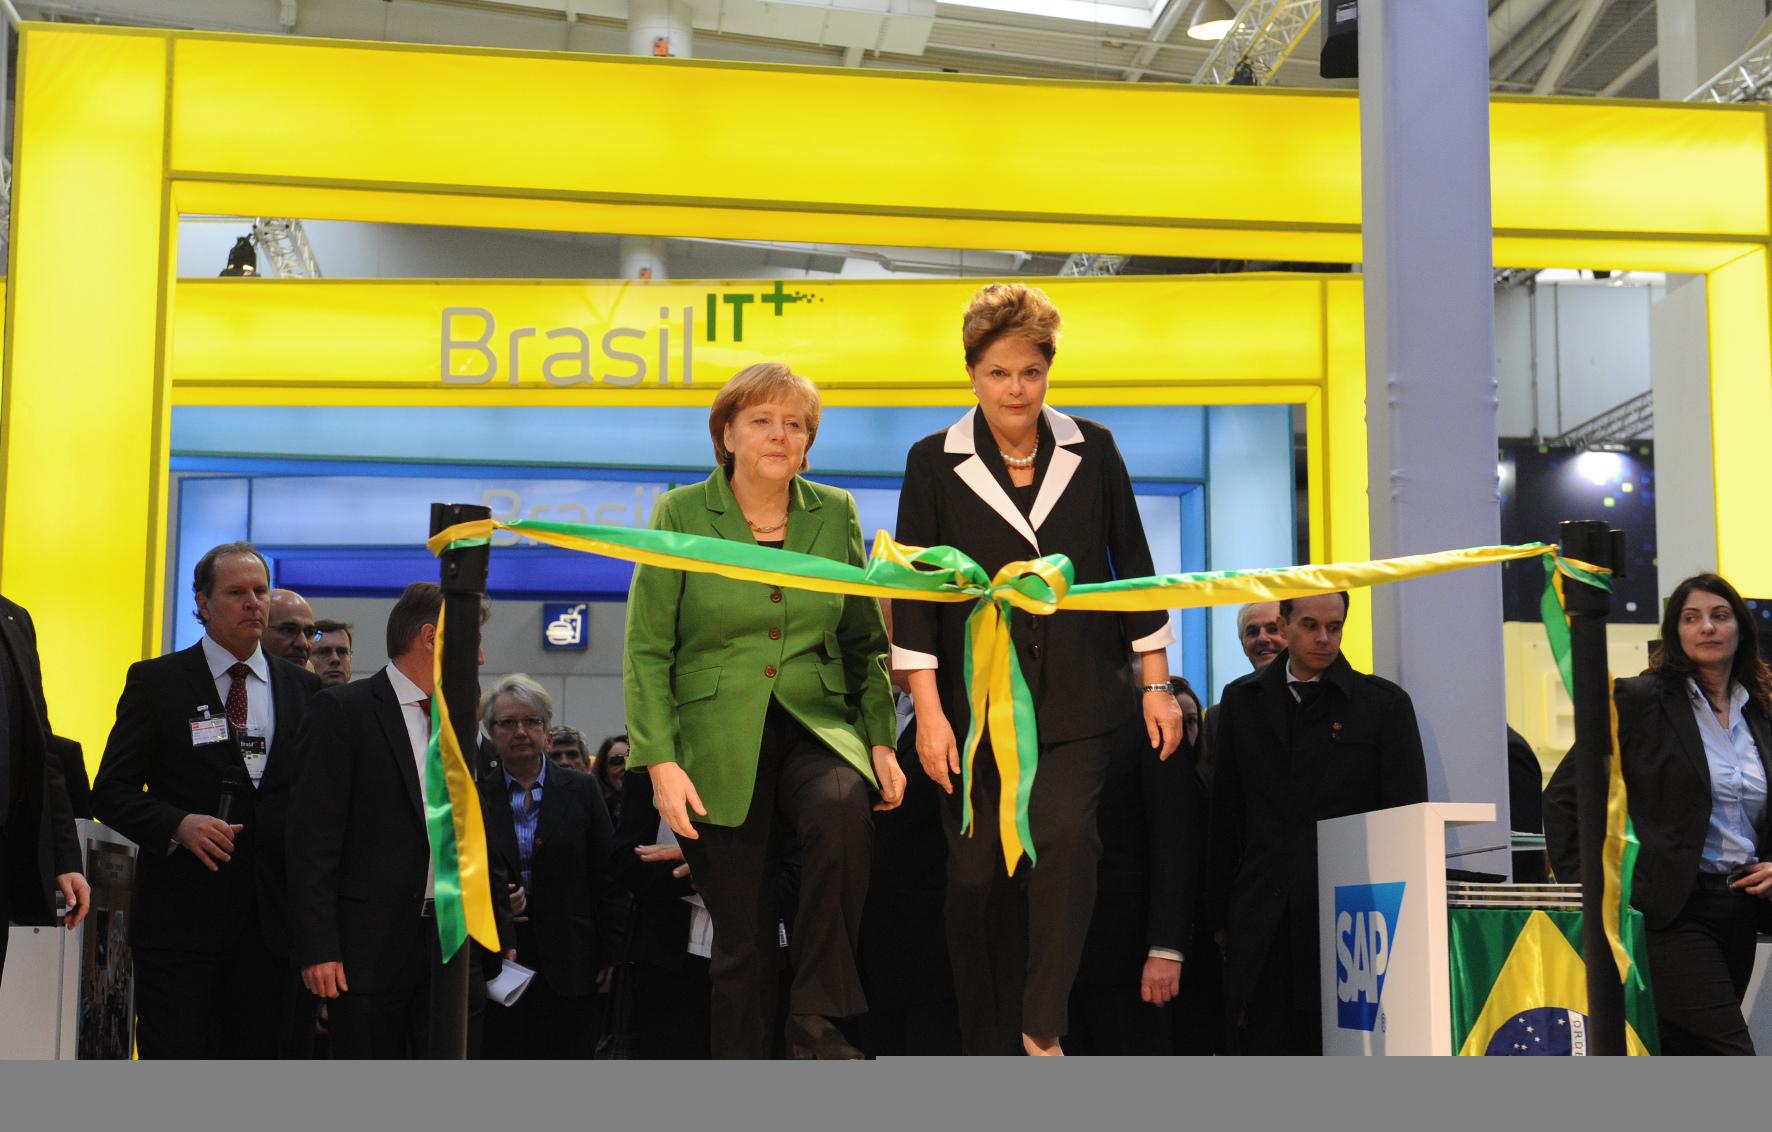 A presidente Dilma Rousseff e a primeira-ministra alemã Angela Merkel na feira CeBIT 2012 em Hannover, Alemanha.